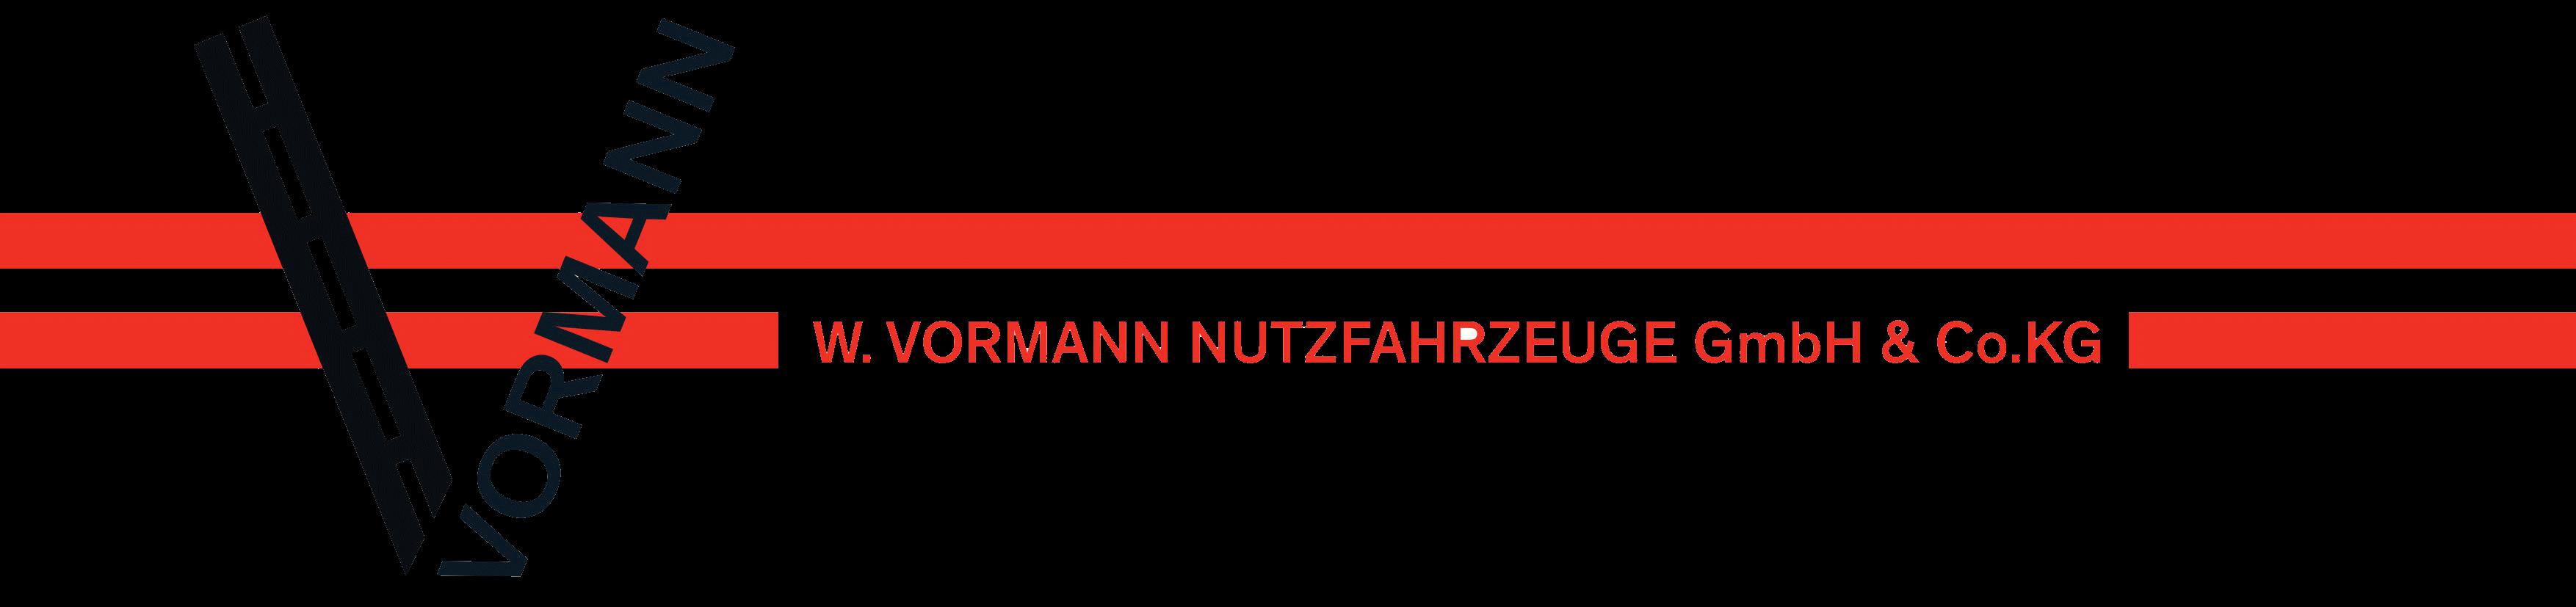 Vormann Nutzfahrzeuge